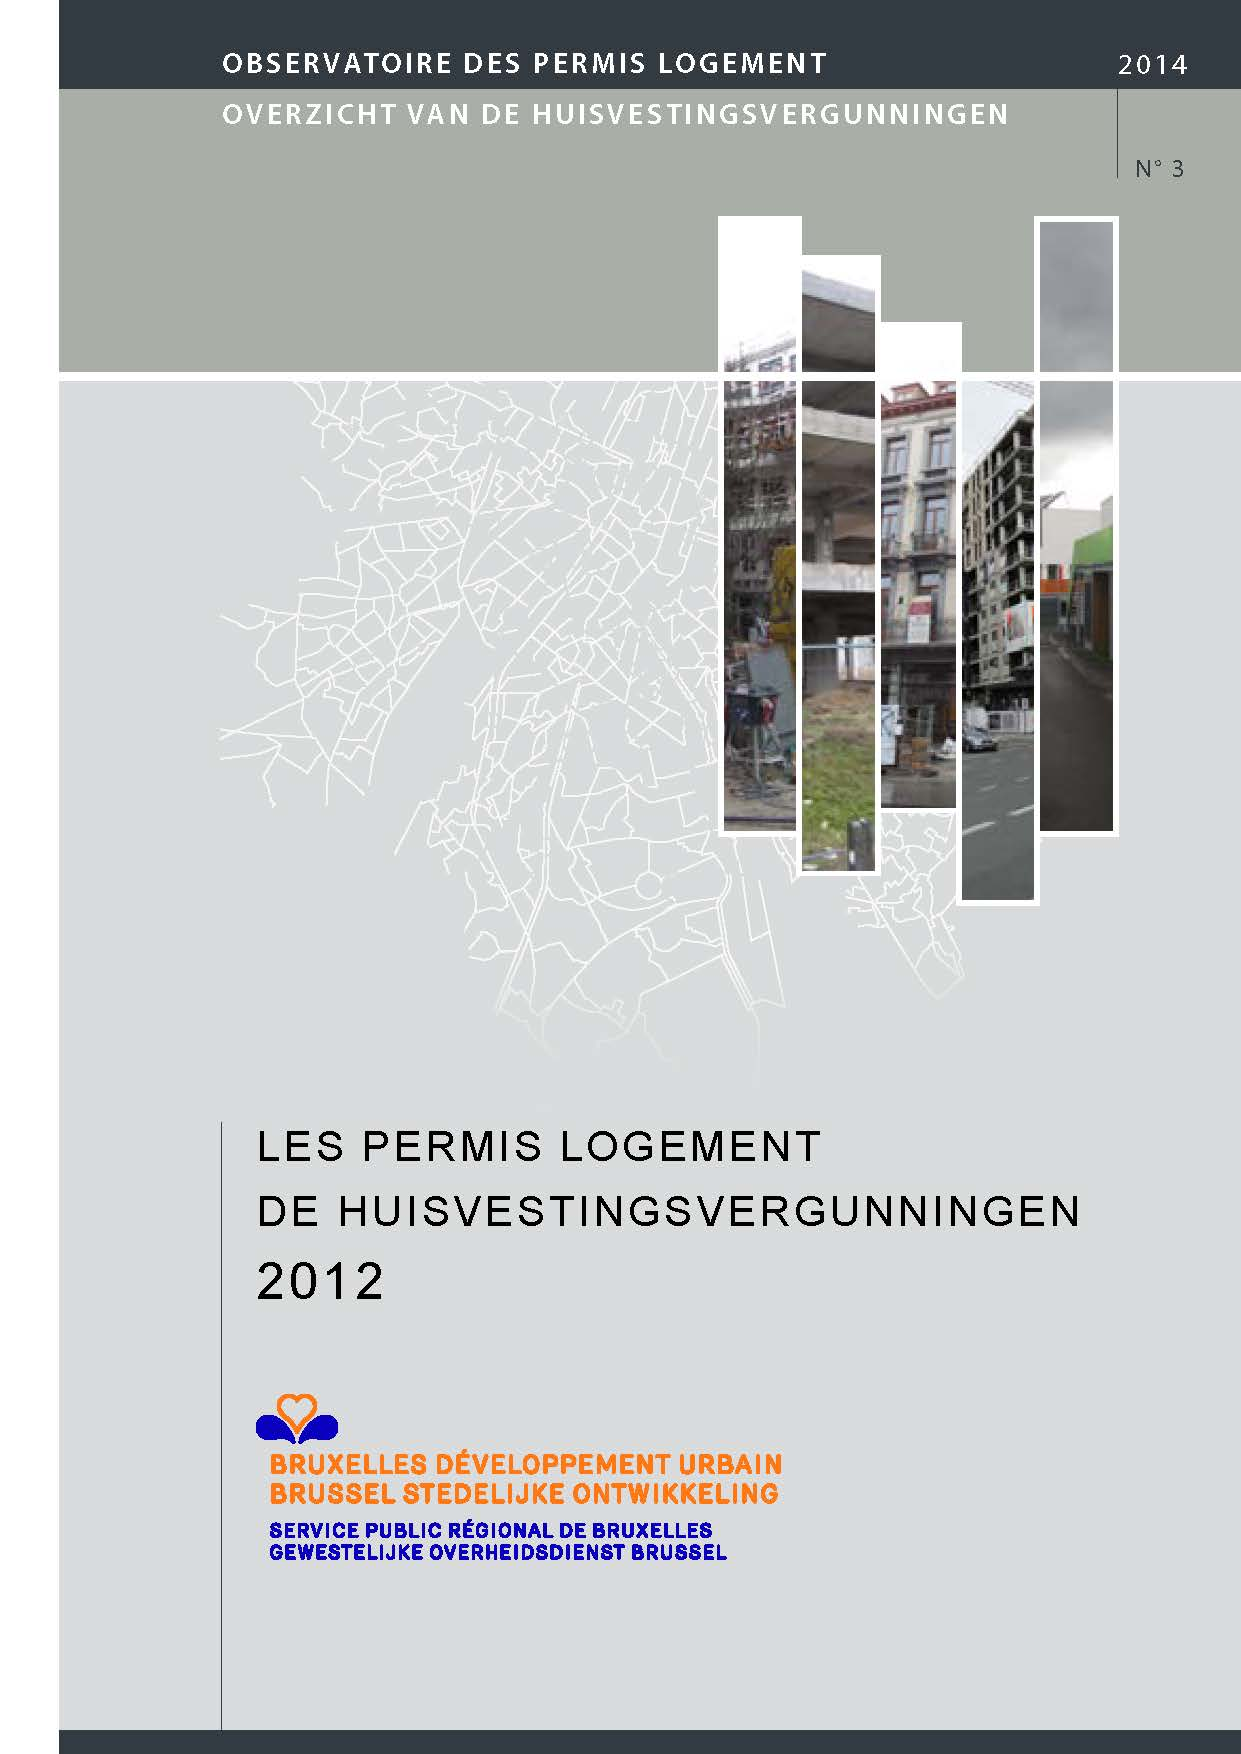 L'Observatoire des permis logement n°3